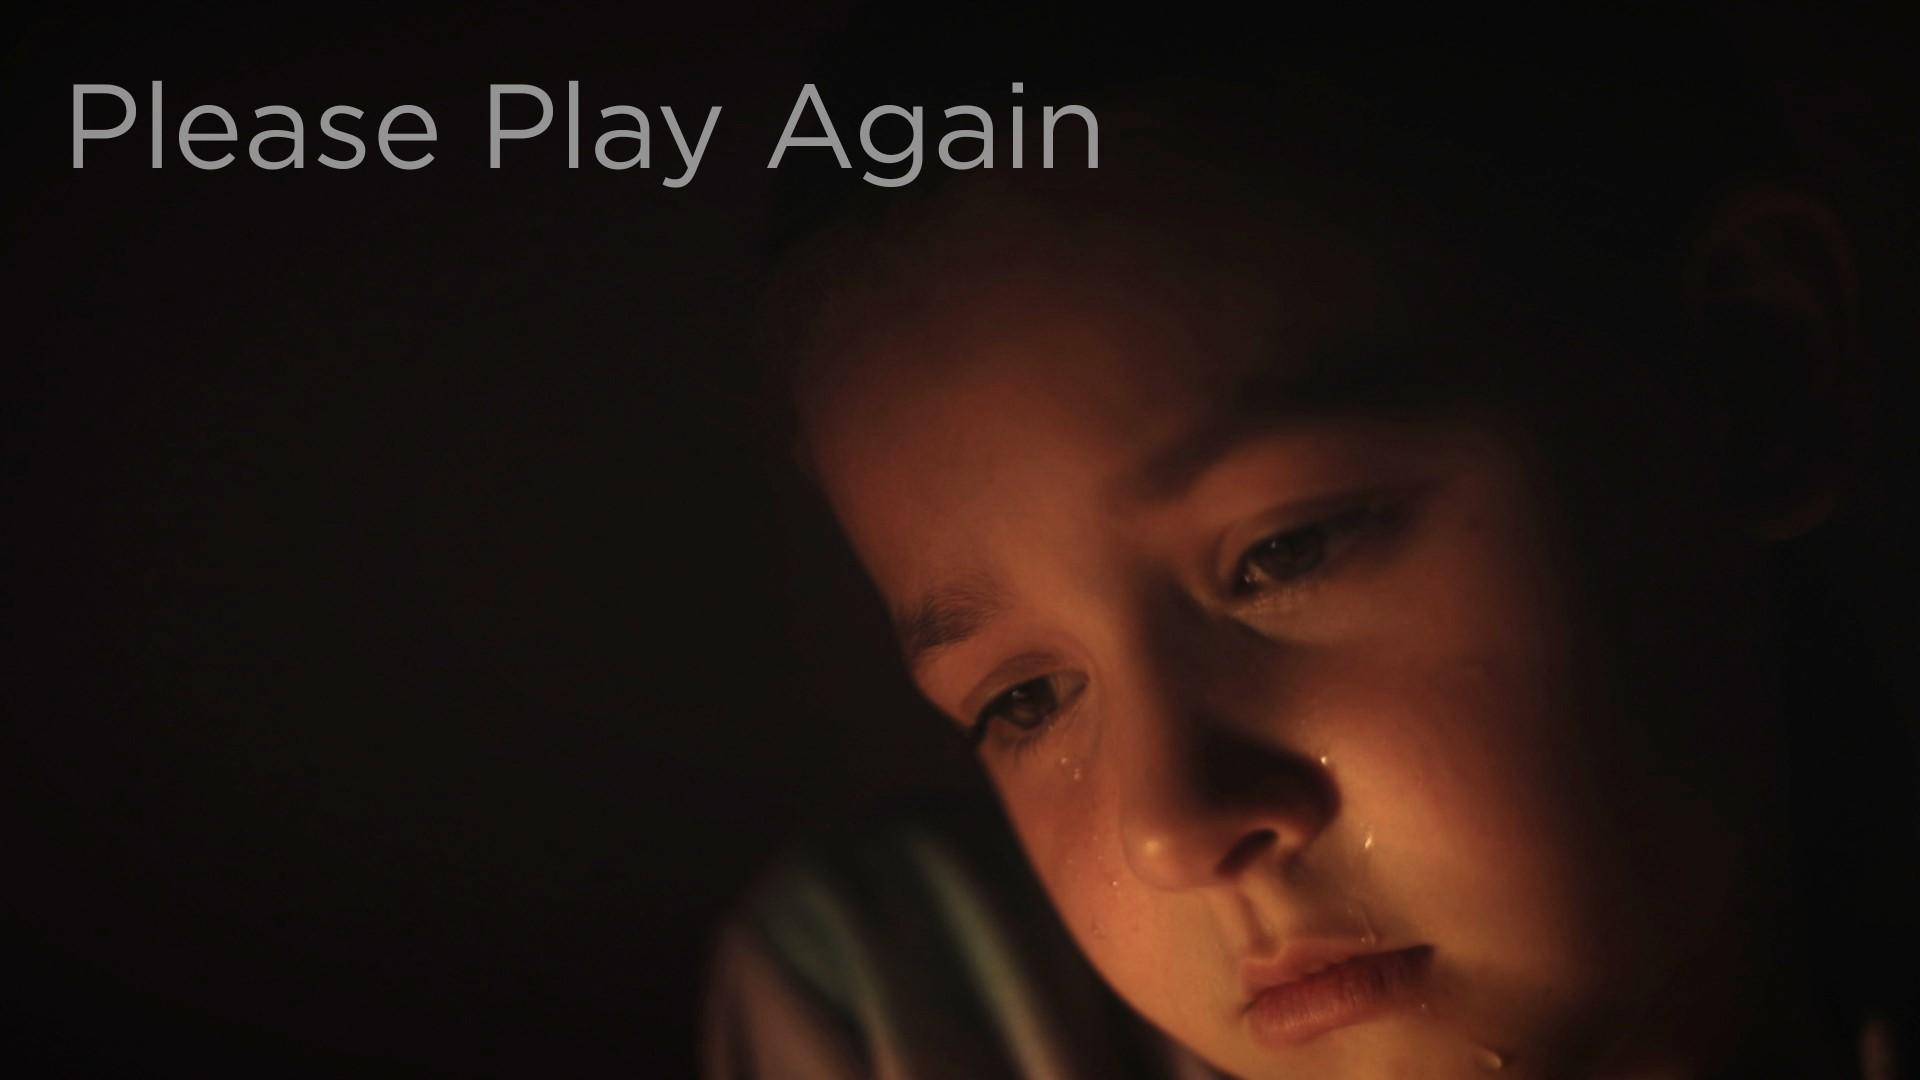 Please play again